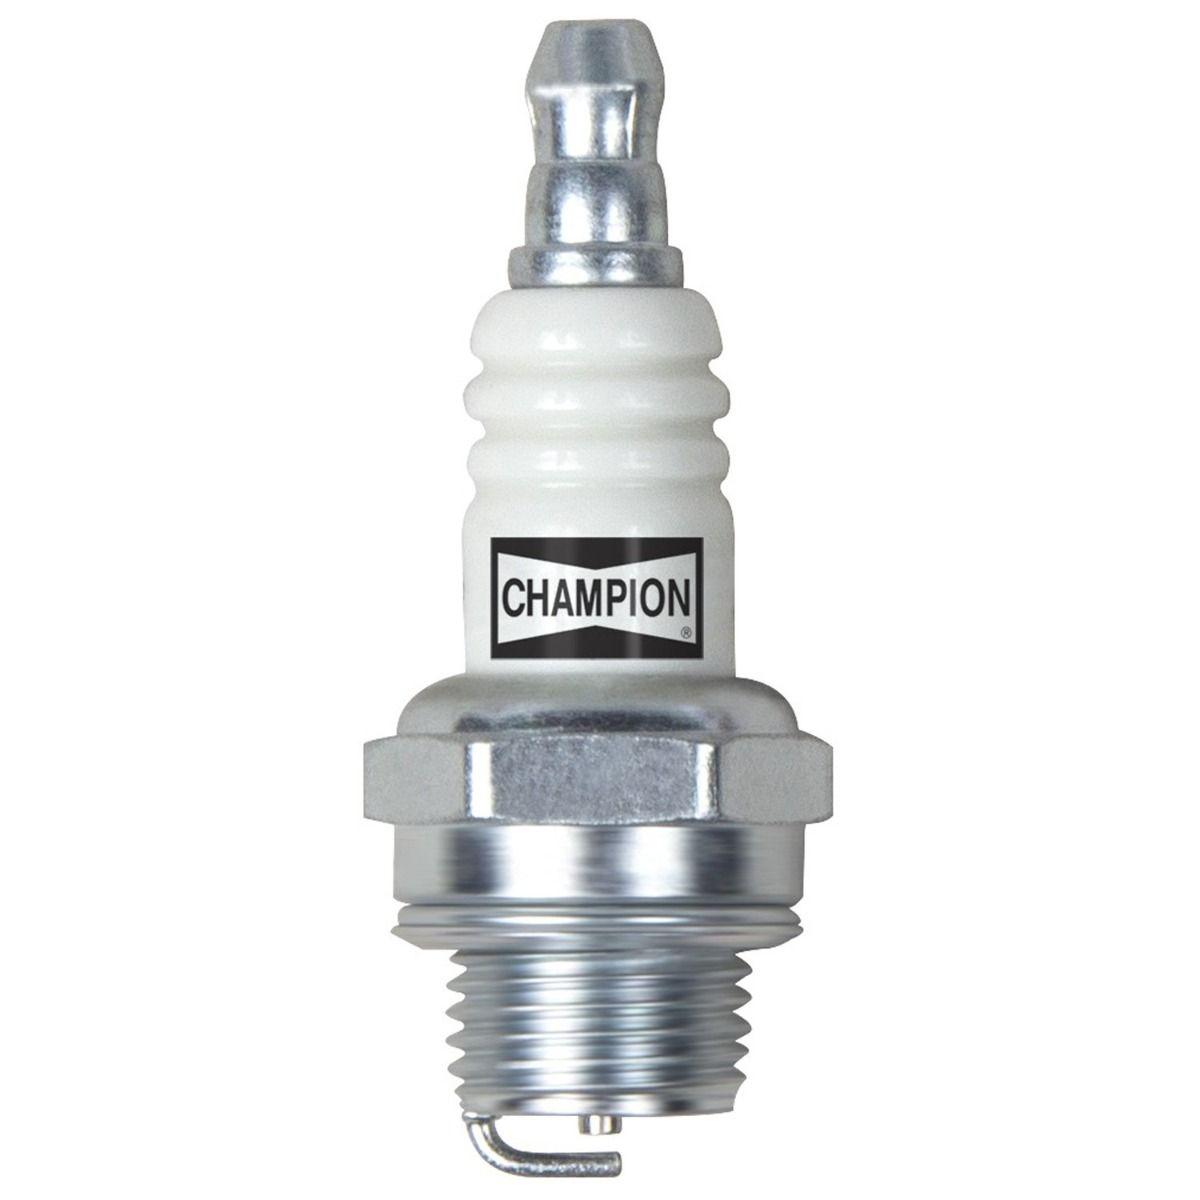 Champion CJ8 Spark Plug